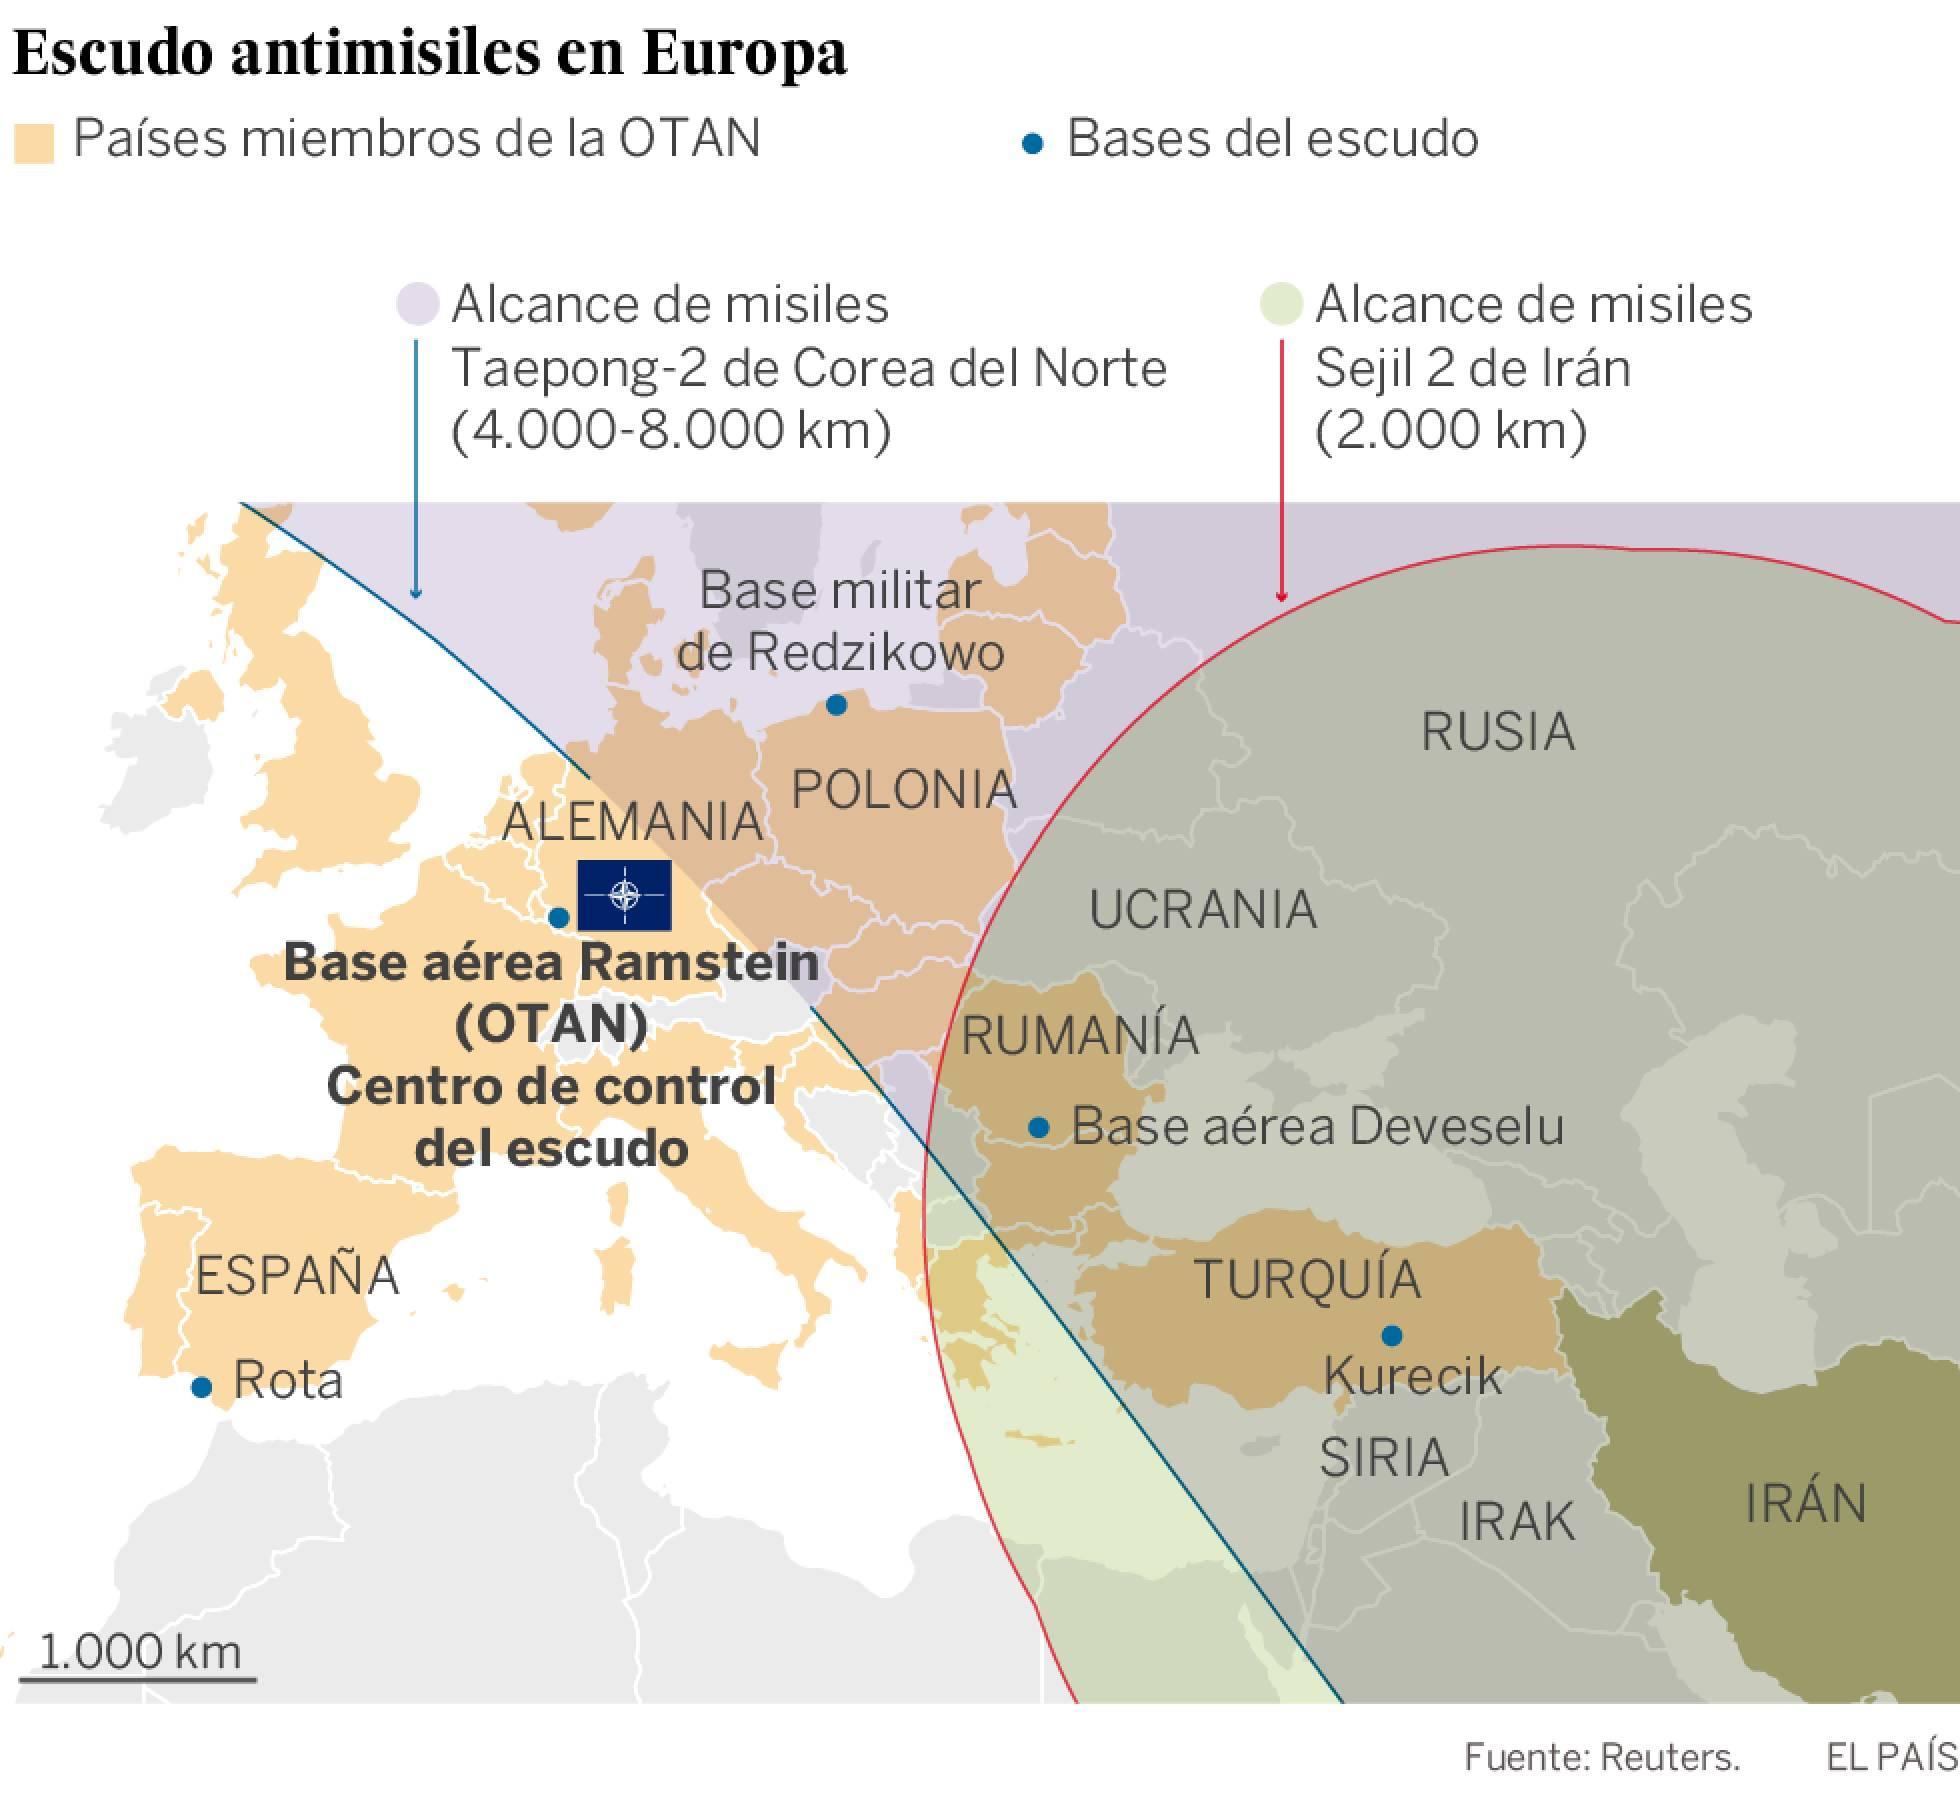 """NATO / OTAN, EEUU, imperialismo  """"humanitario"""". - Página 2 1463044946_021885_1463054959_sumario_normal_recorte1"""